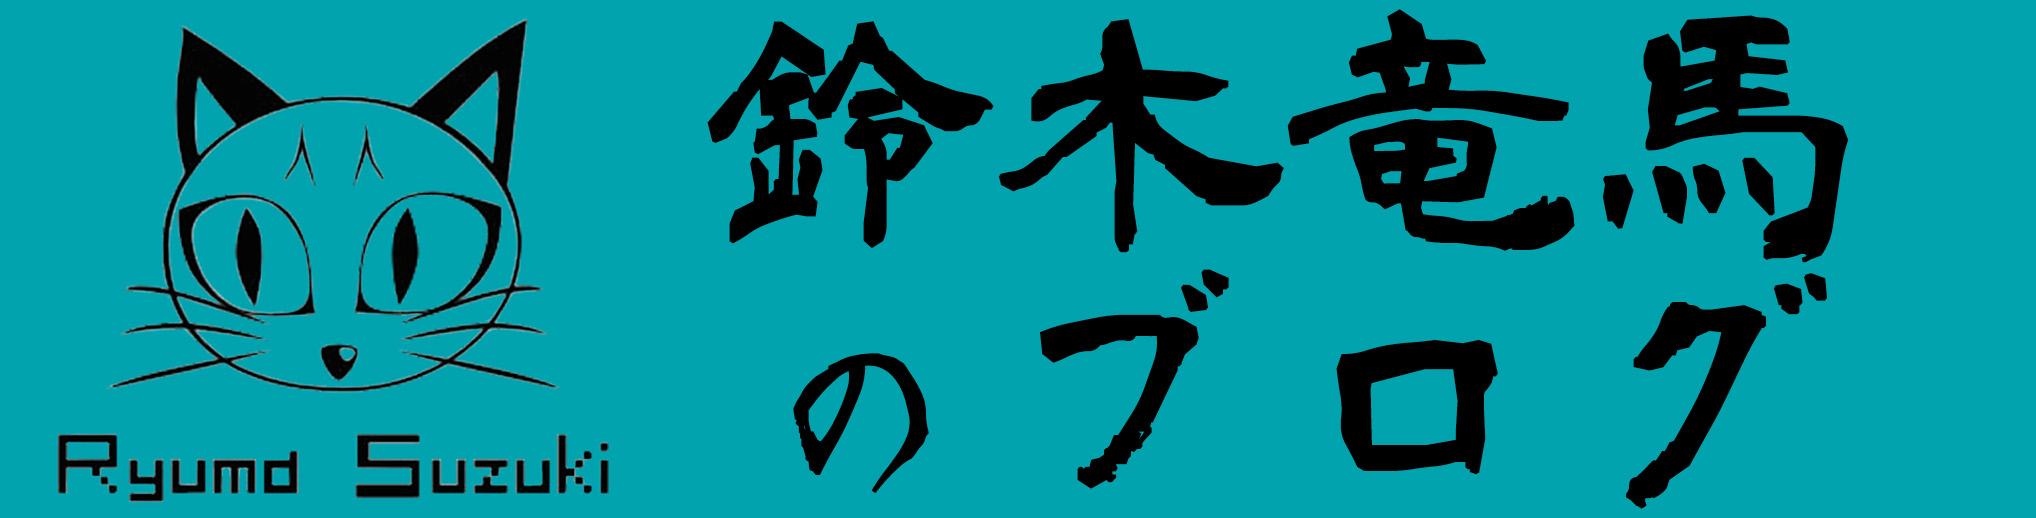 鈴木竜馬のブログ